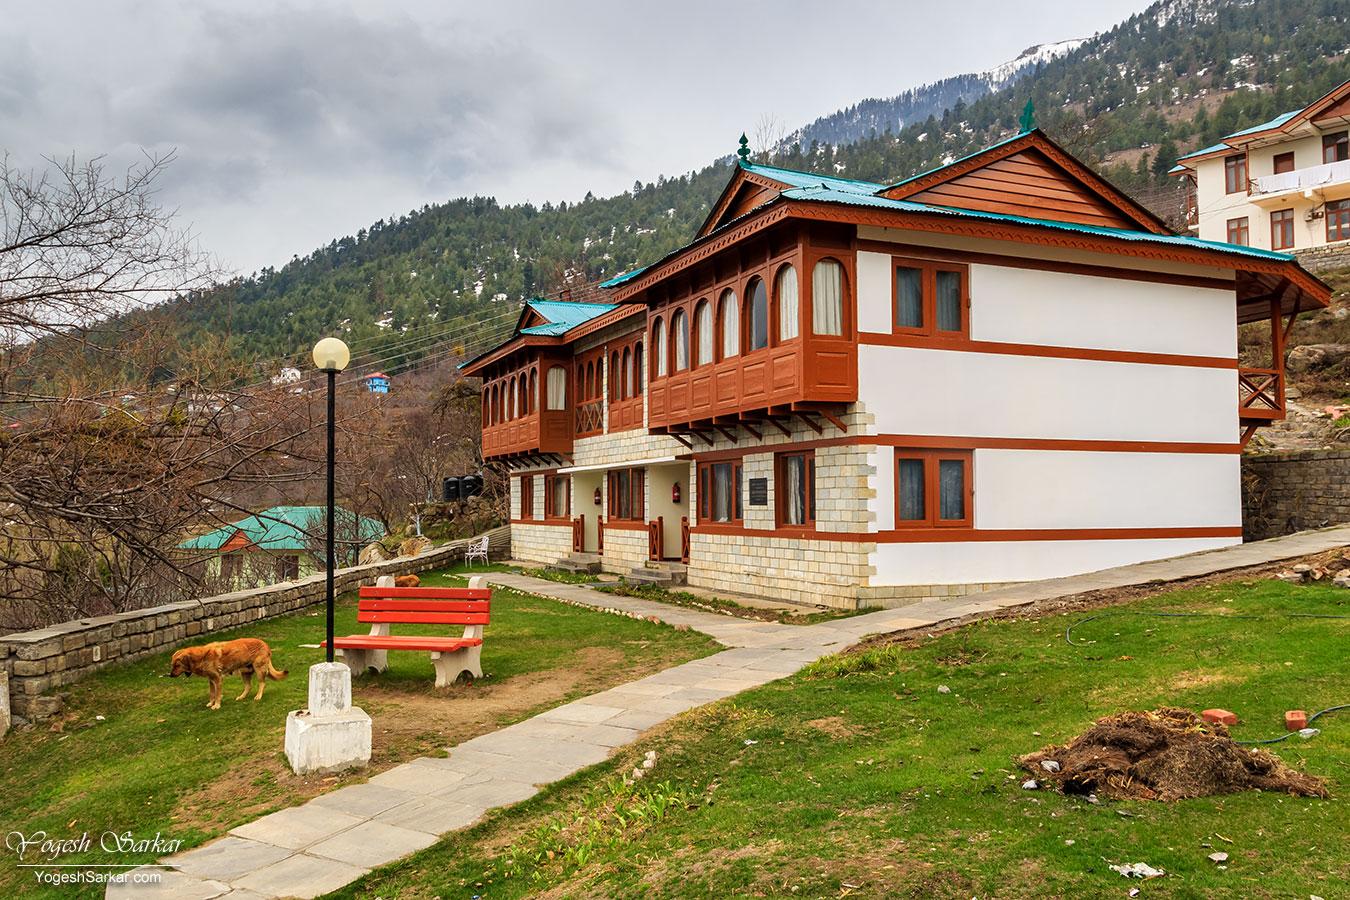 16-kailash-cottage-kalpa.jpg